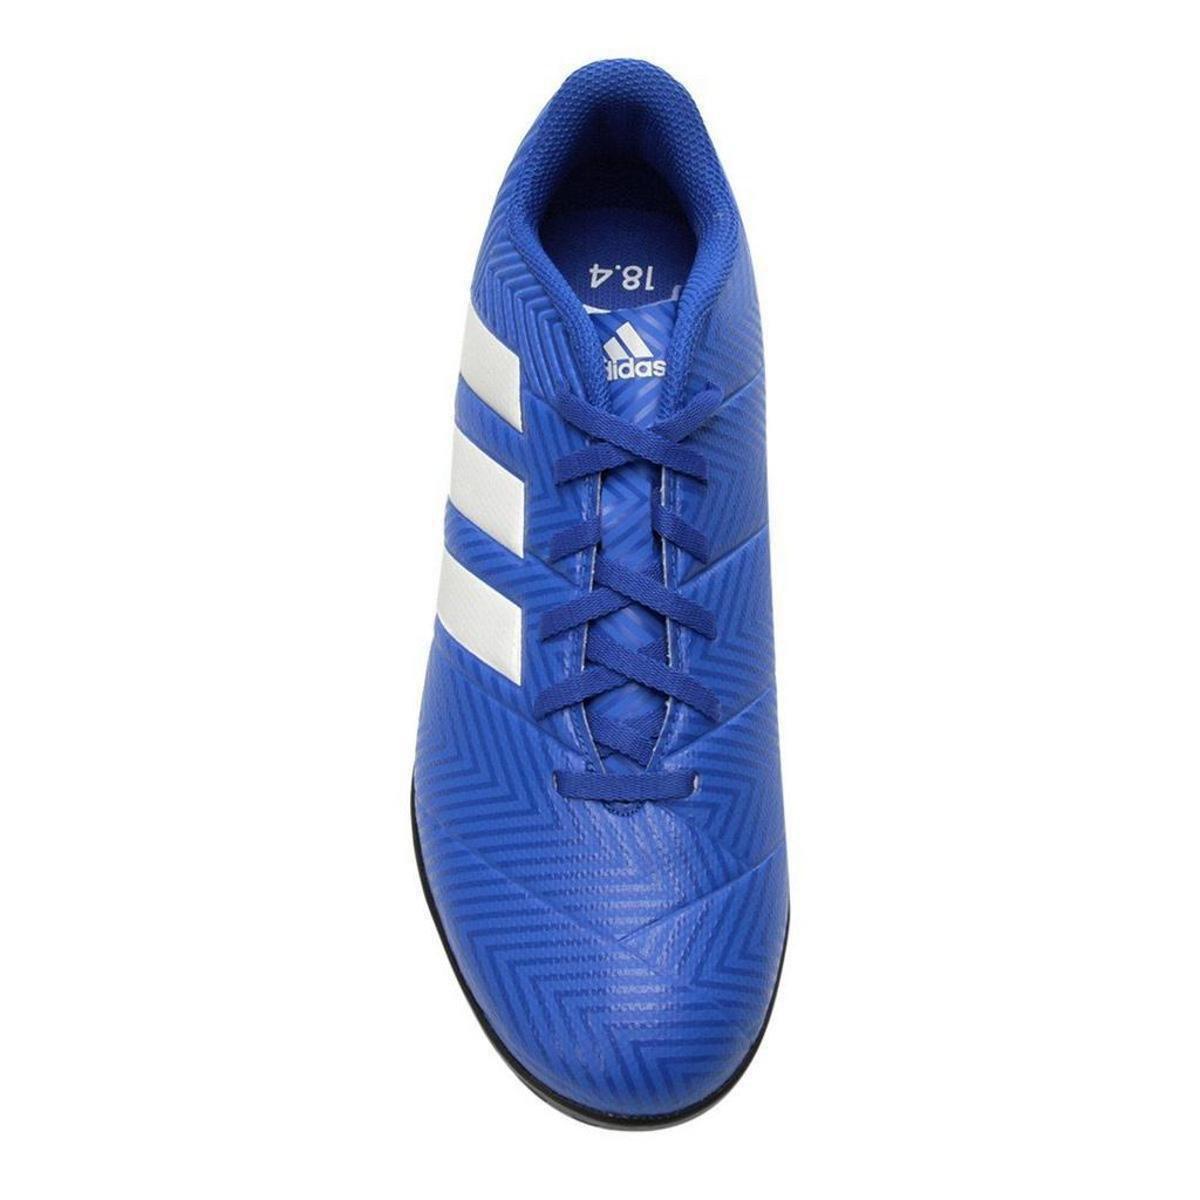 9a97336be8 Chuteira Society Adidas Nemeziz Tango 18 4 TF - Azul e Branco ...